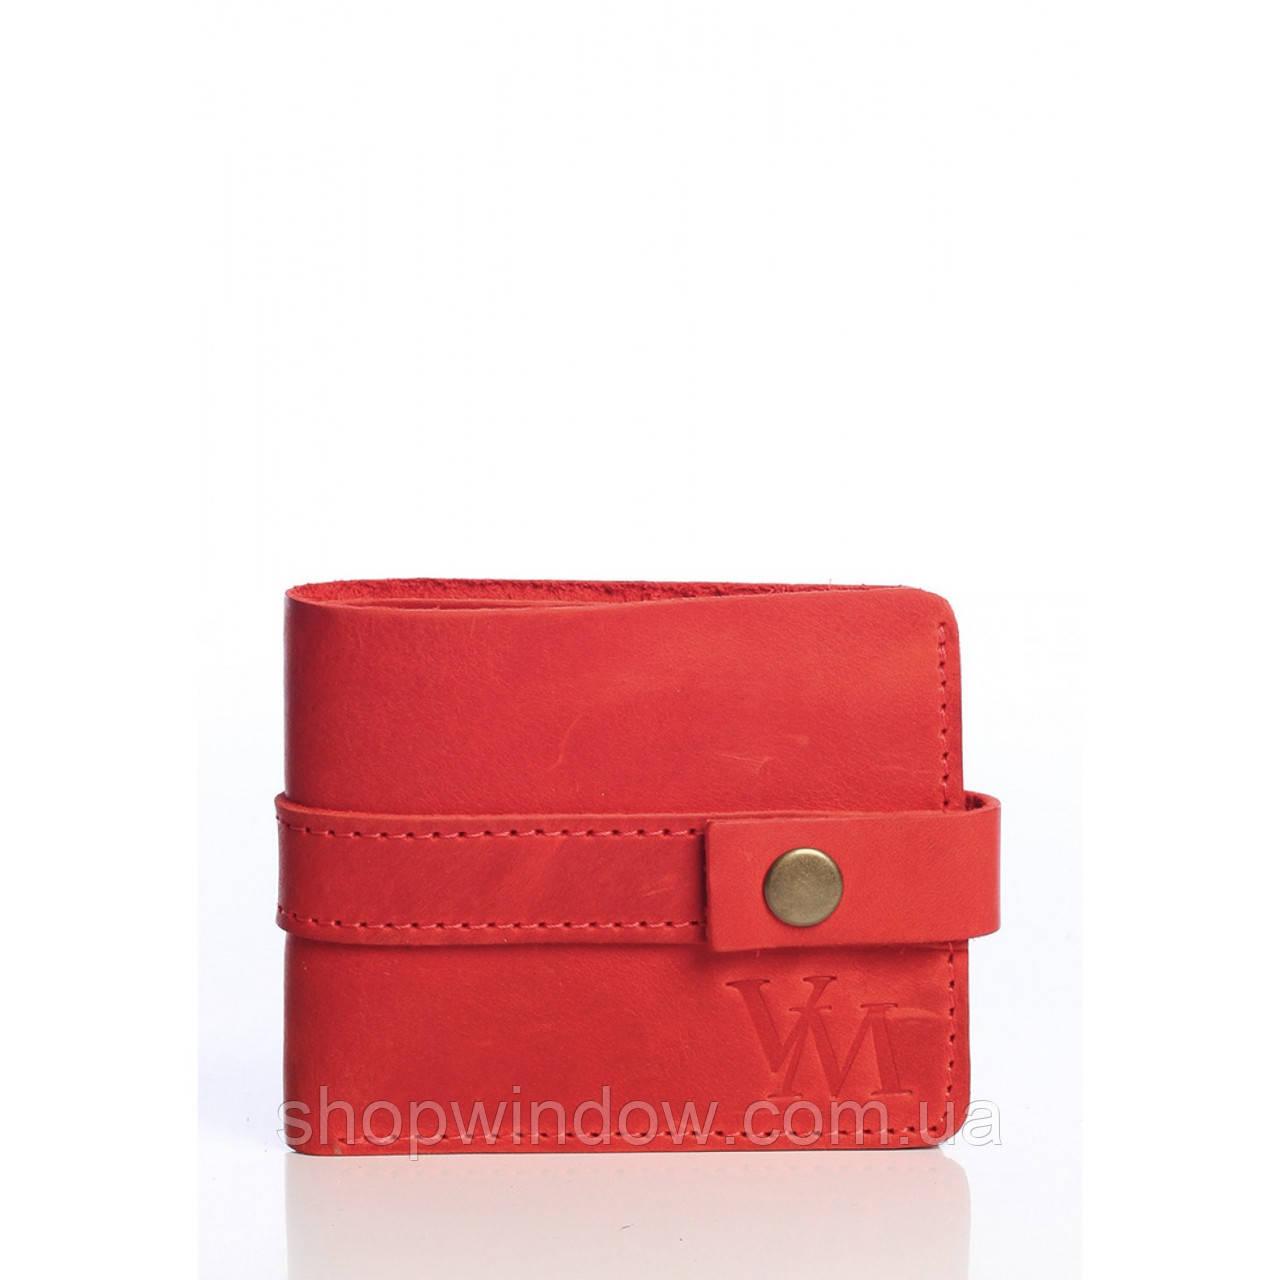 4bb3b6522b3e Компактный кошелек красного цвета. Имеет один отдел для купюр, два отдела  для карт, а также монетницу. Сшит из натуральной кожи, приятный на ощупь.